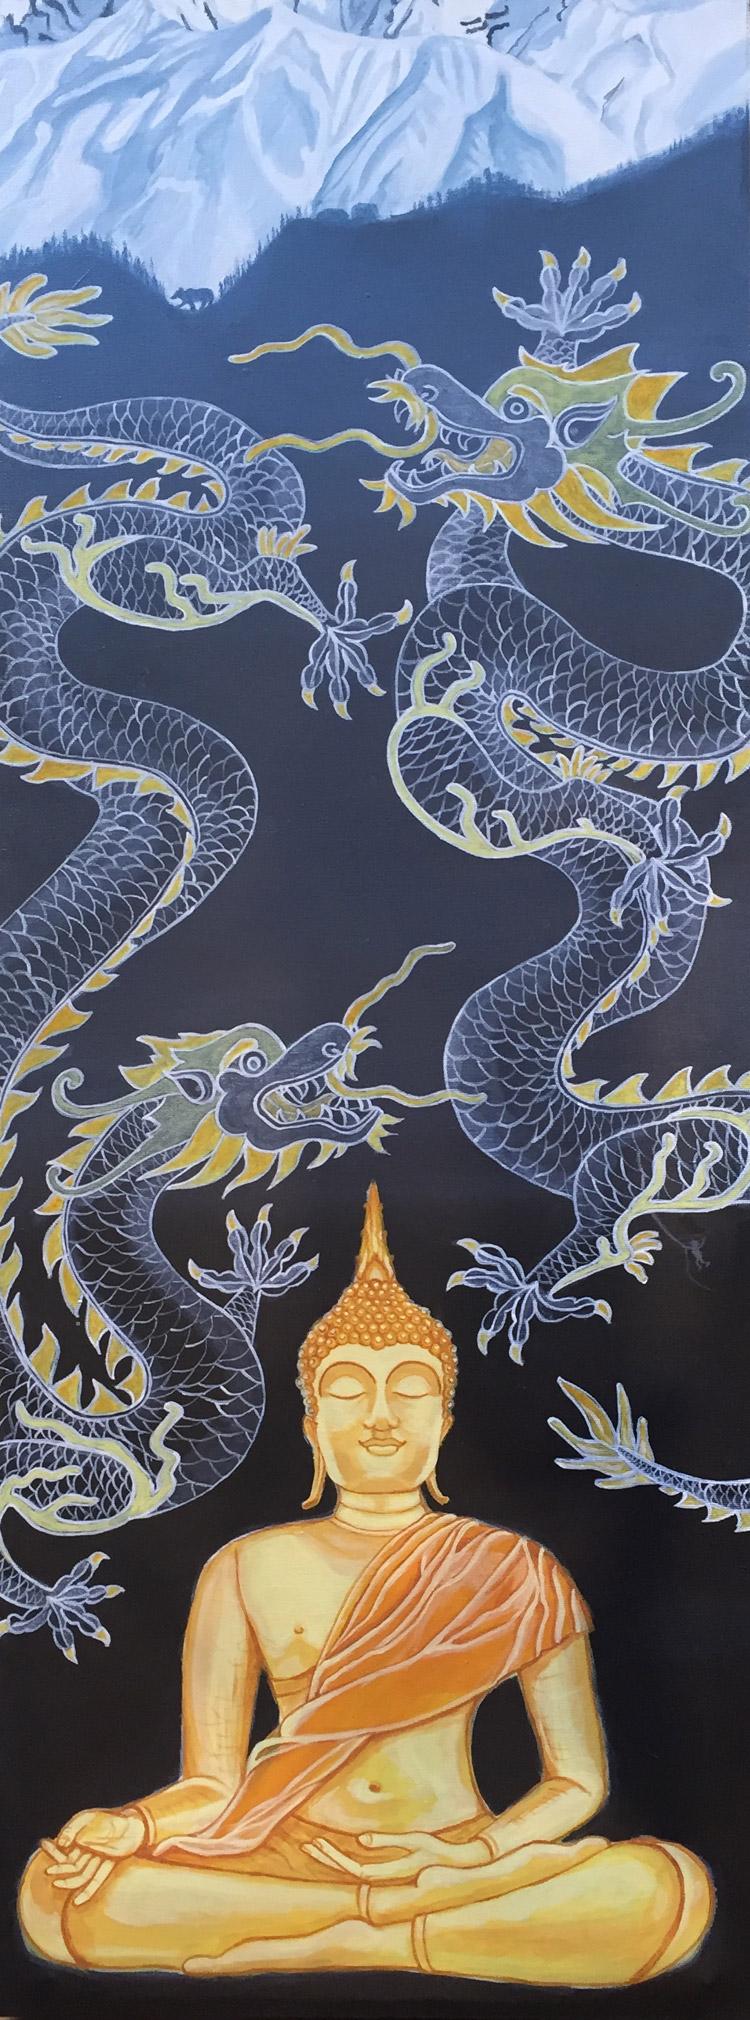 Topsheet Design. Artist: Helen Wojcik